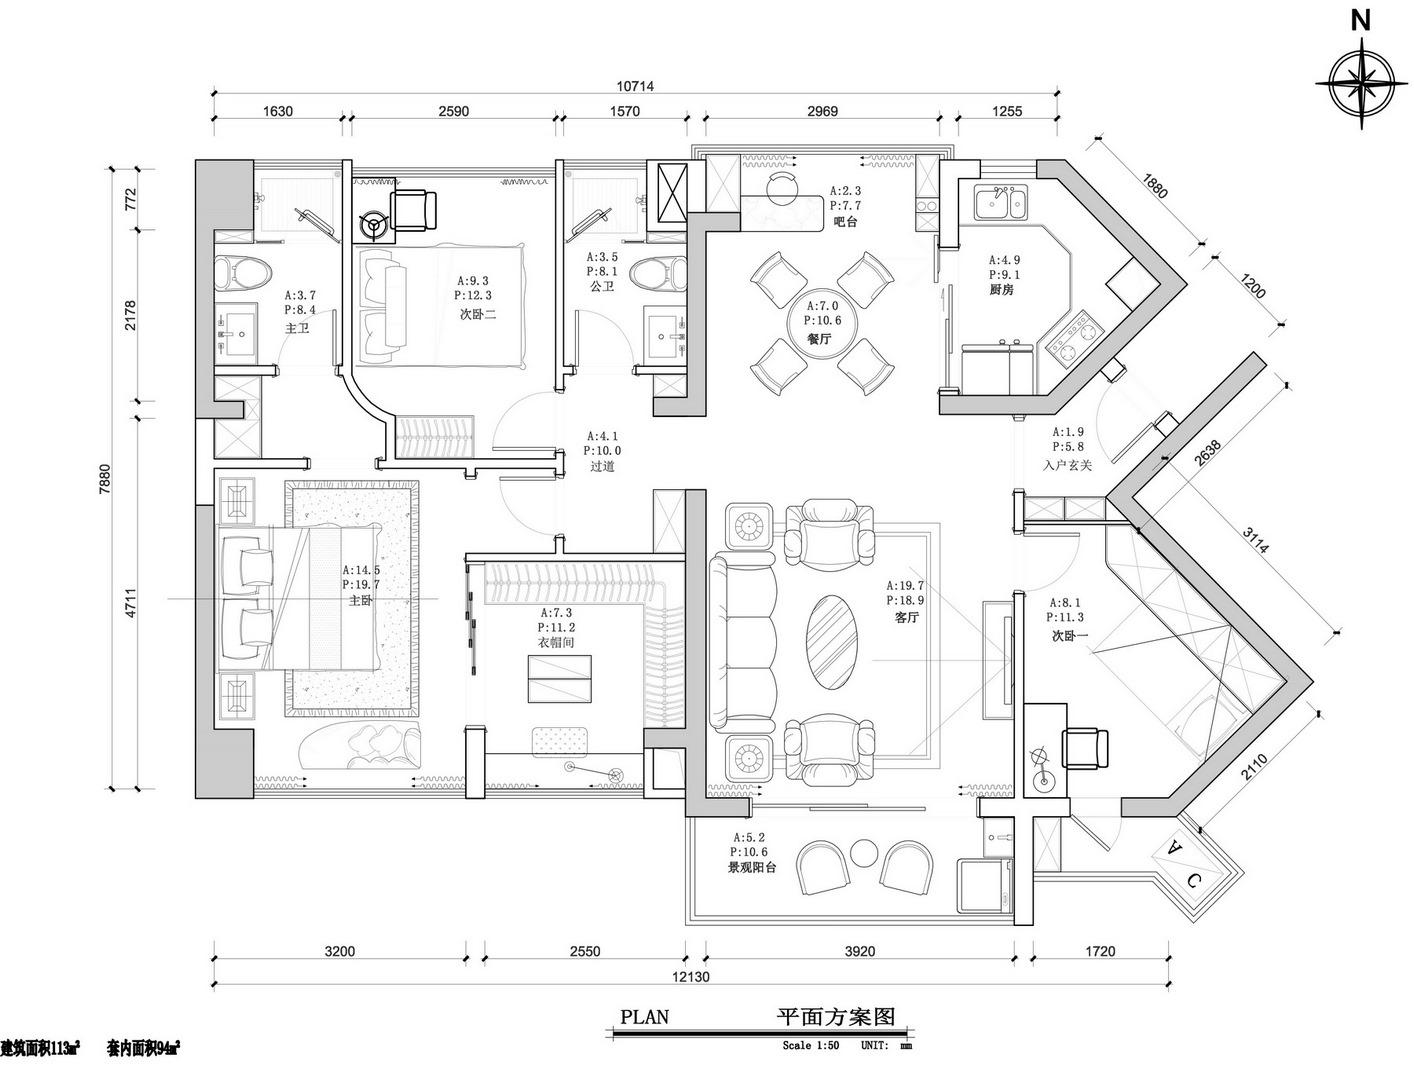 曦湾天馥-114m/2装潢-美式性状style装潢装潢策划愿景